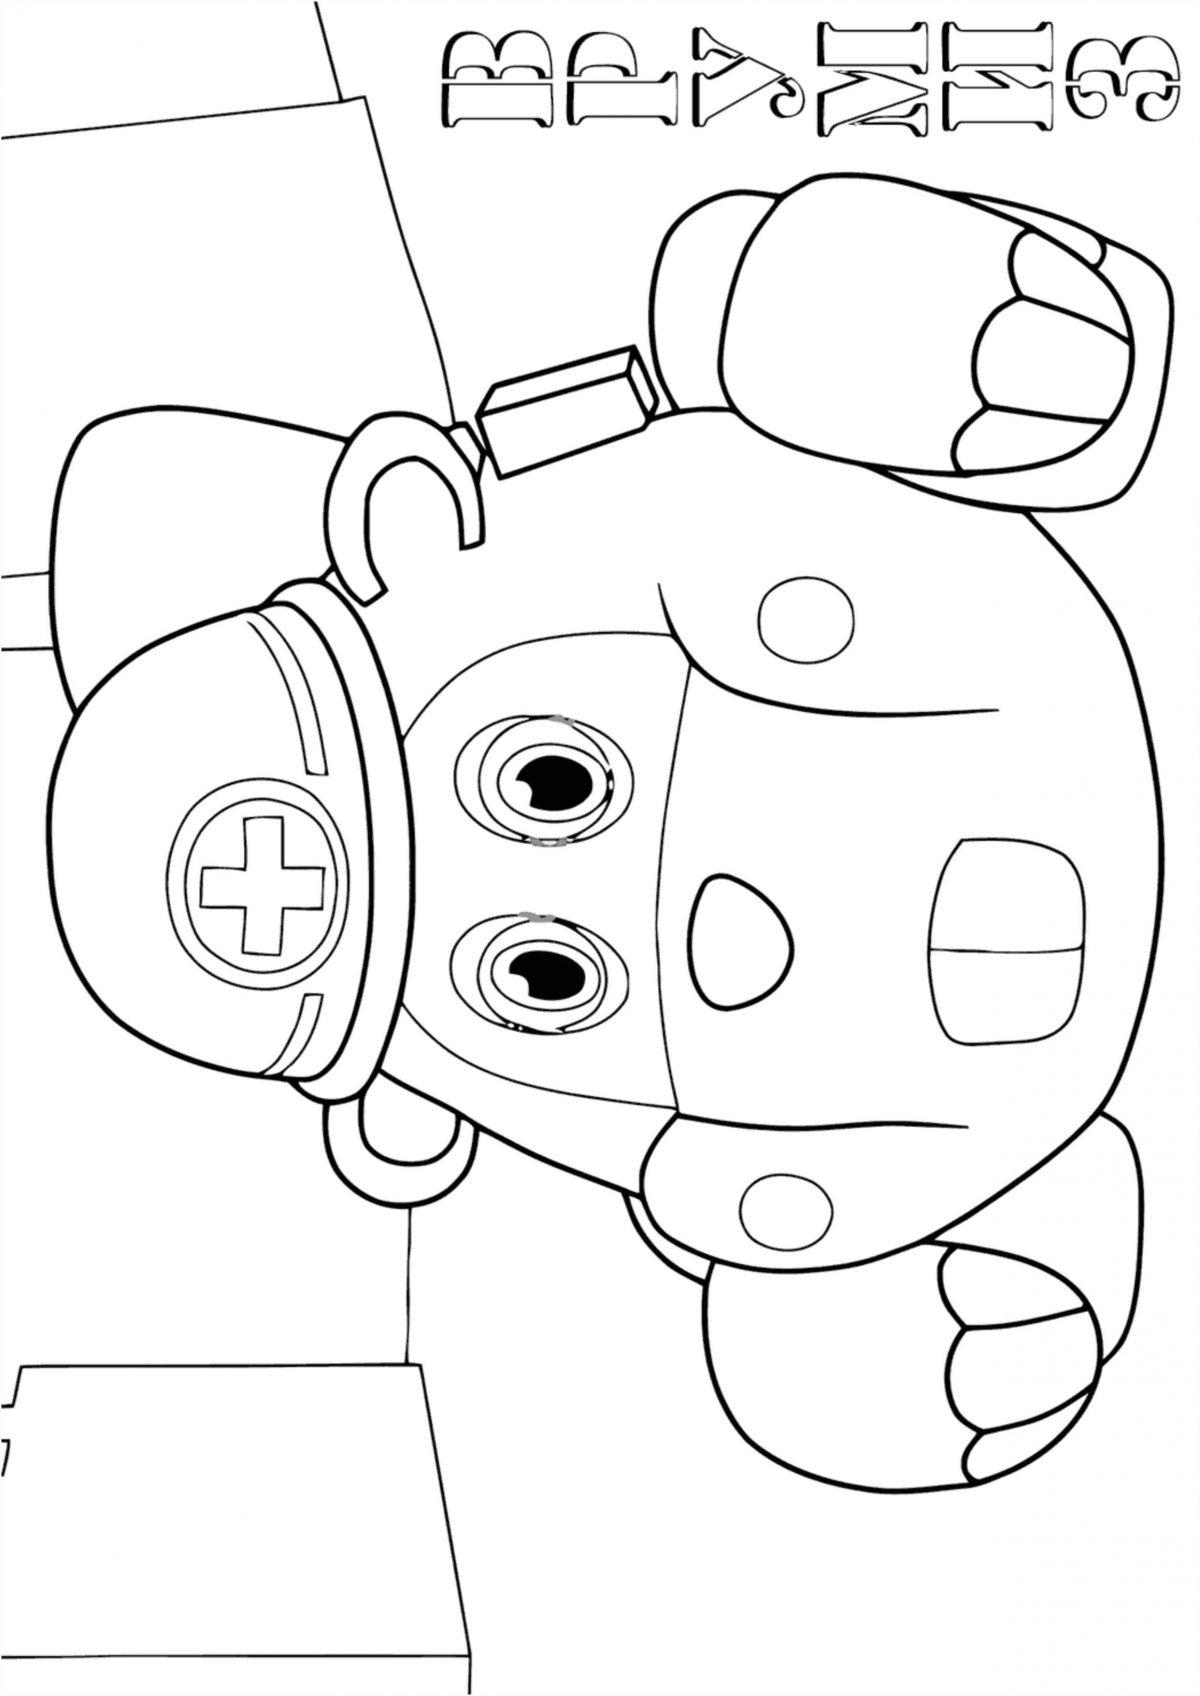 Раскраска Врумиз с бобром